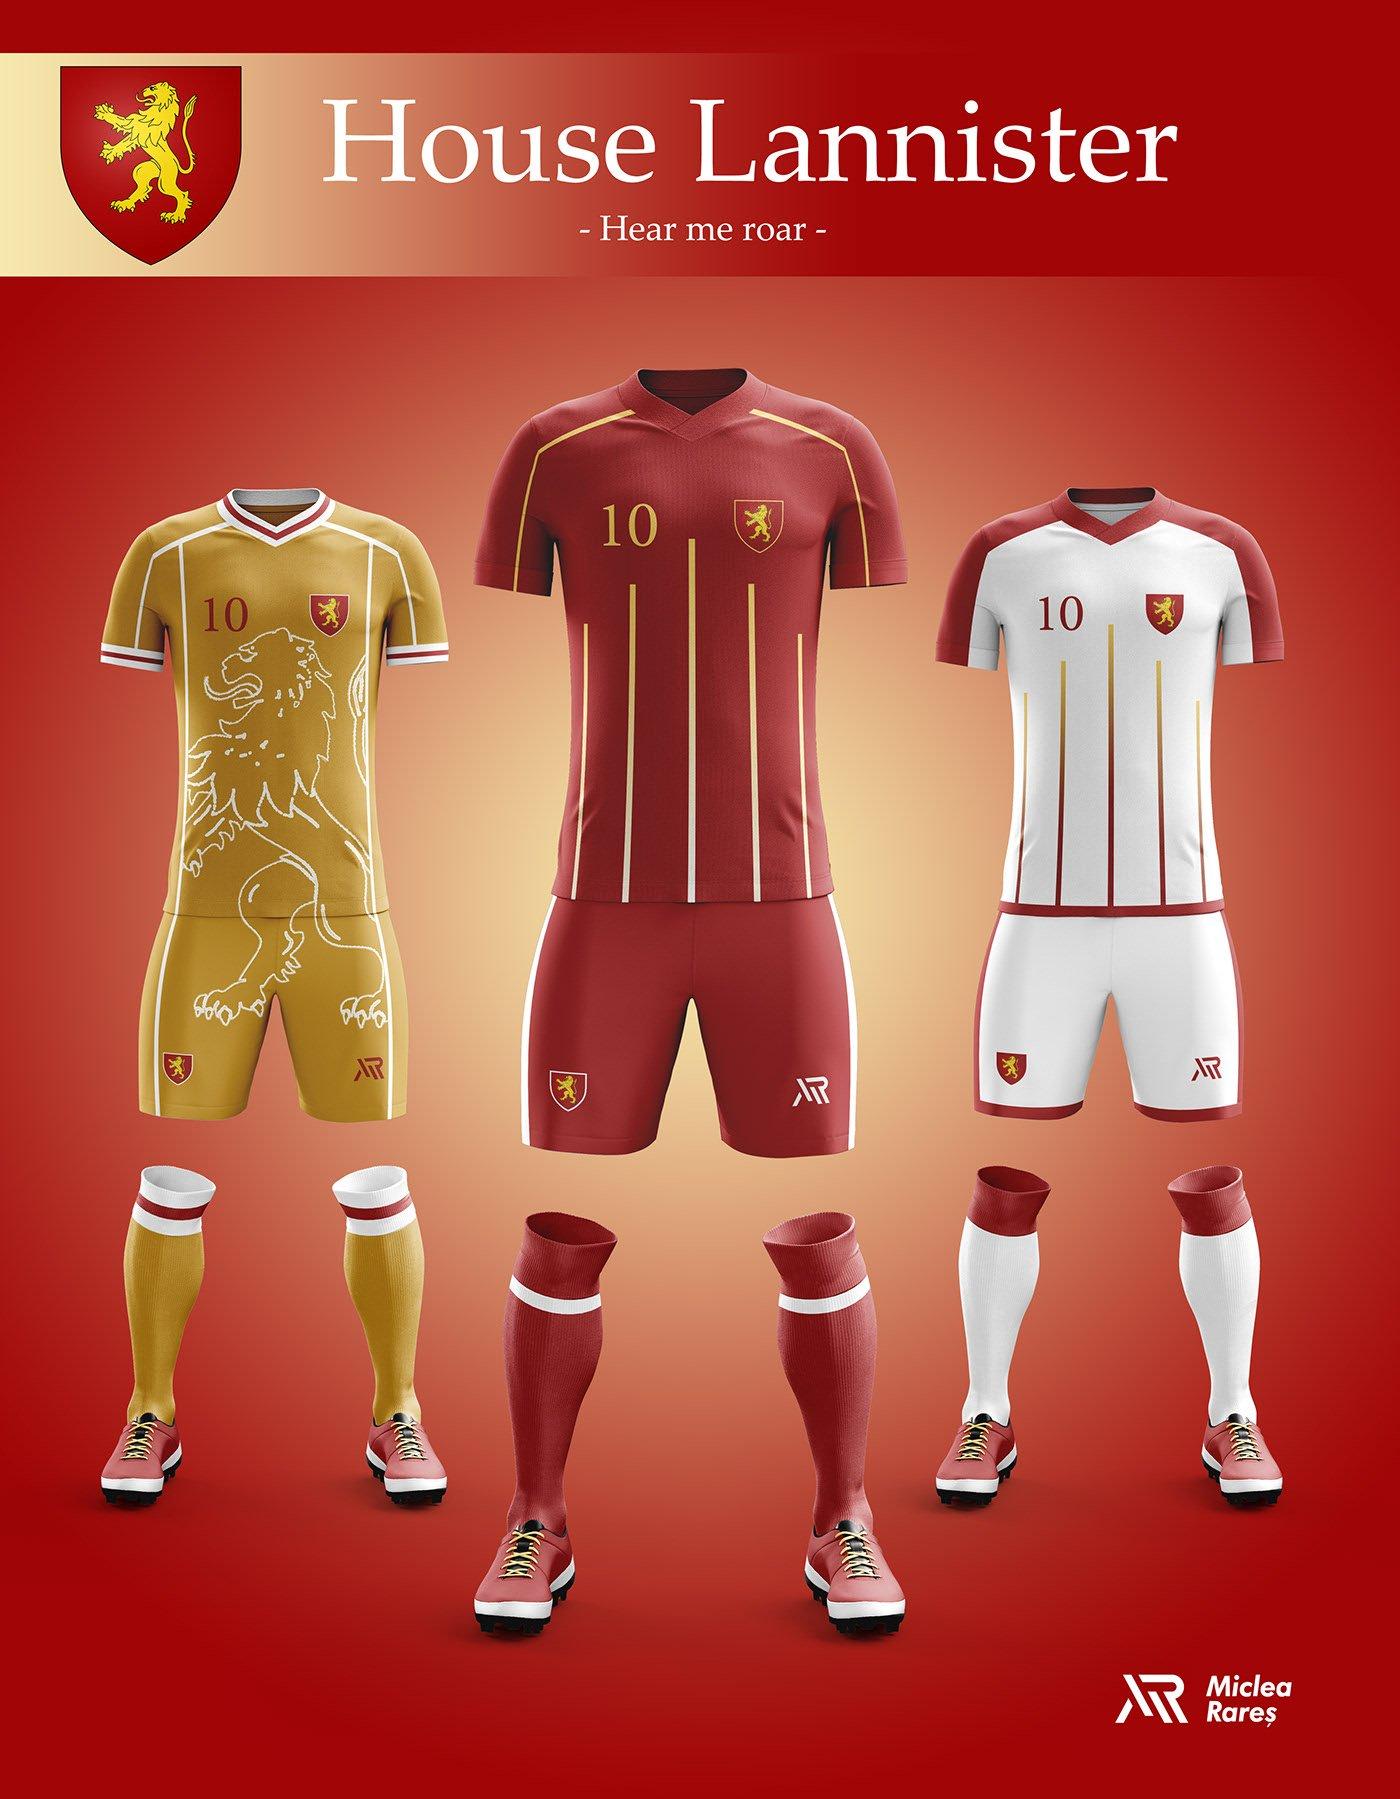 House Lannister Football Kit